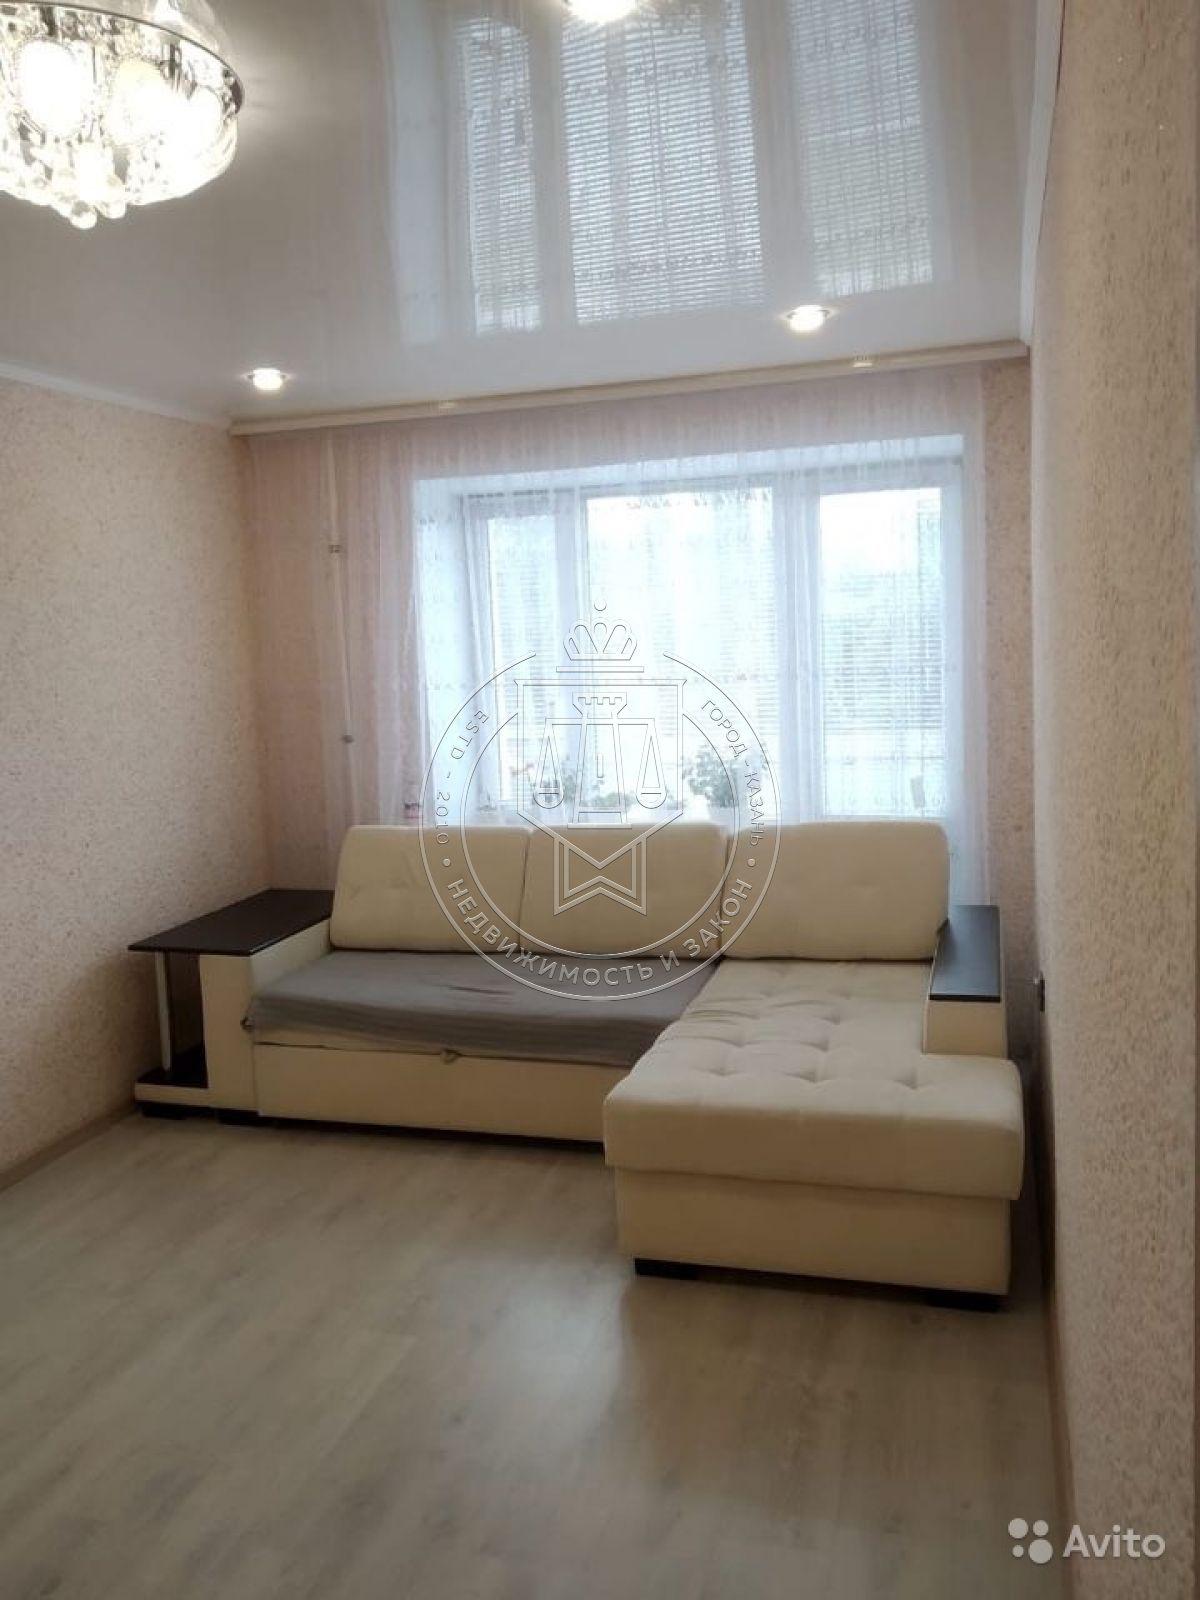 Продажа 1-к квартиры Краснококшайская ул, 158